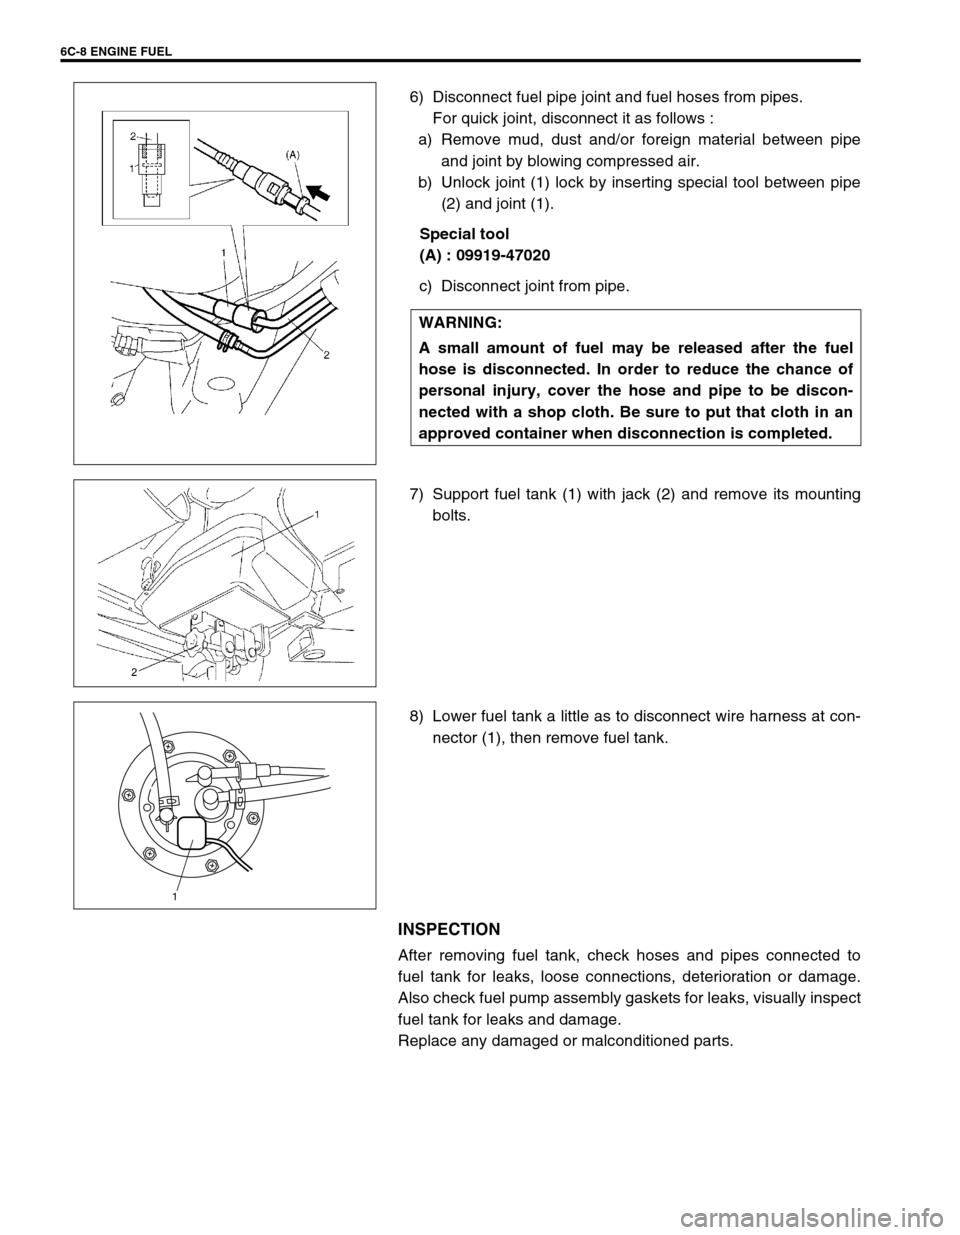 Suzuki Swift 2000 1g Rg413 Service Workshop Manual Fuel Pump Page 615